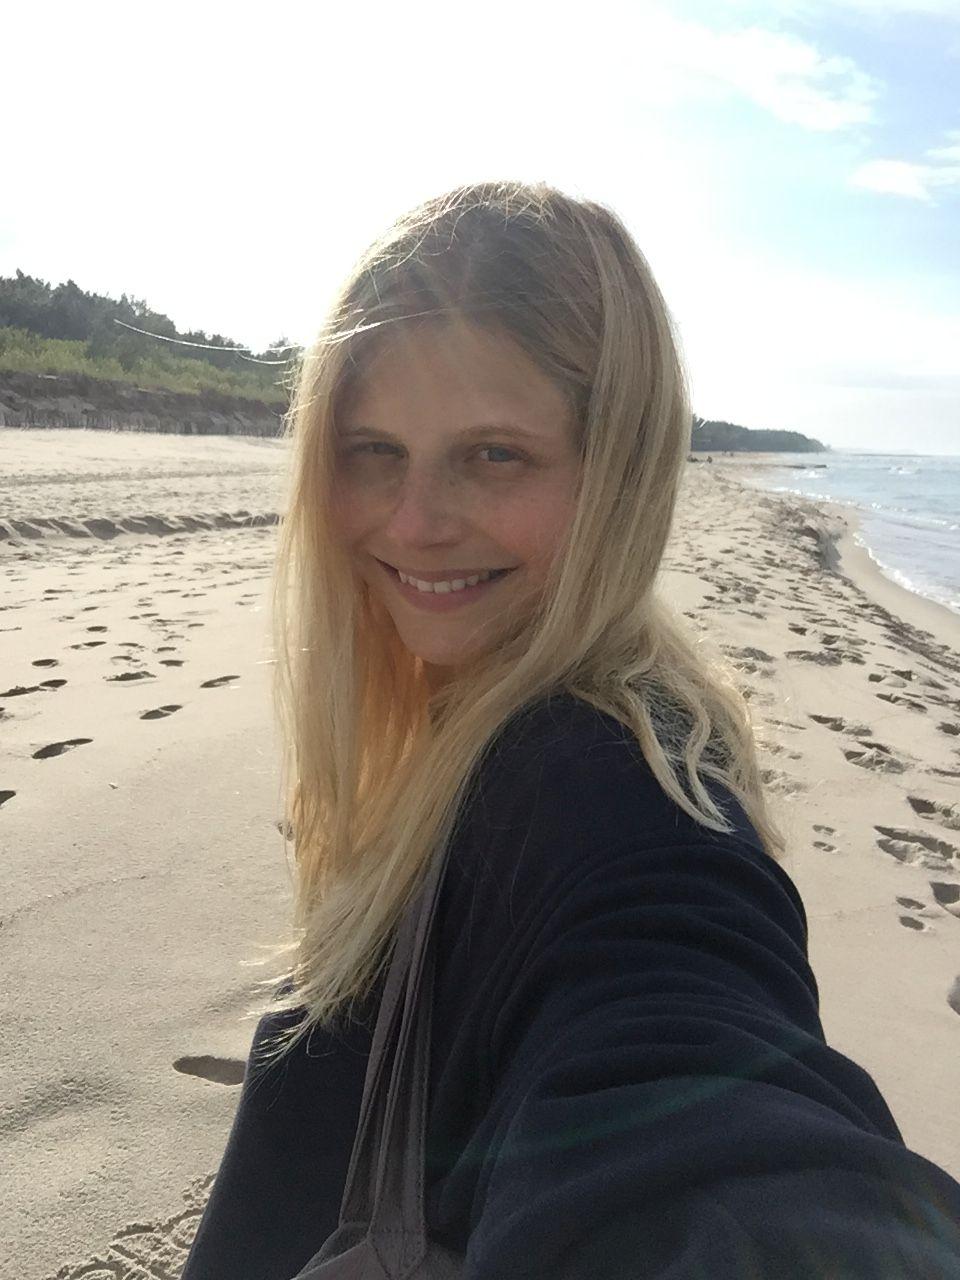 Izabela Zwierzyńska: Haptonomia - BlogStar.pl